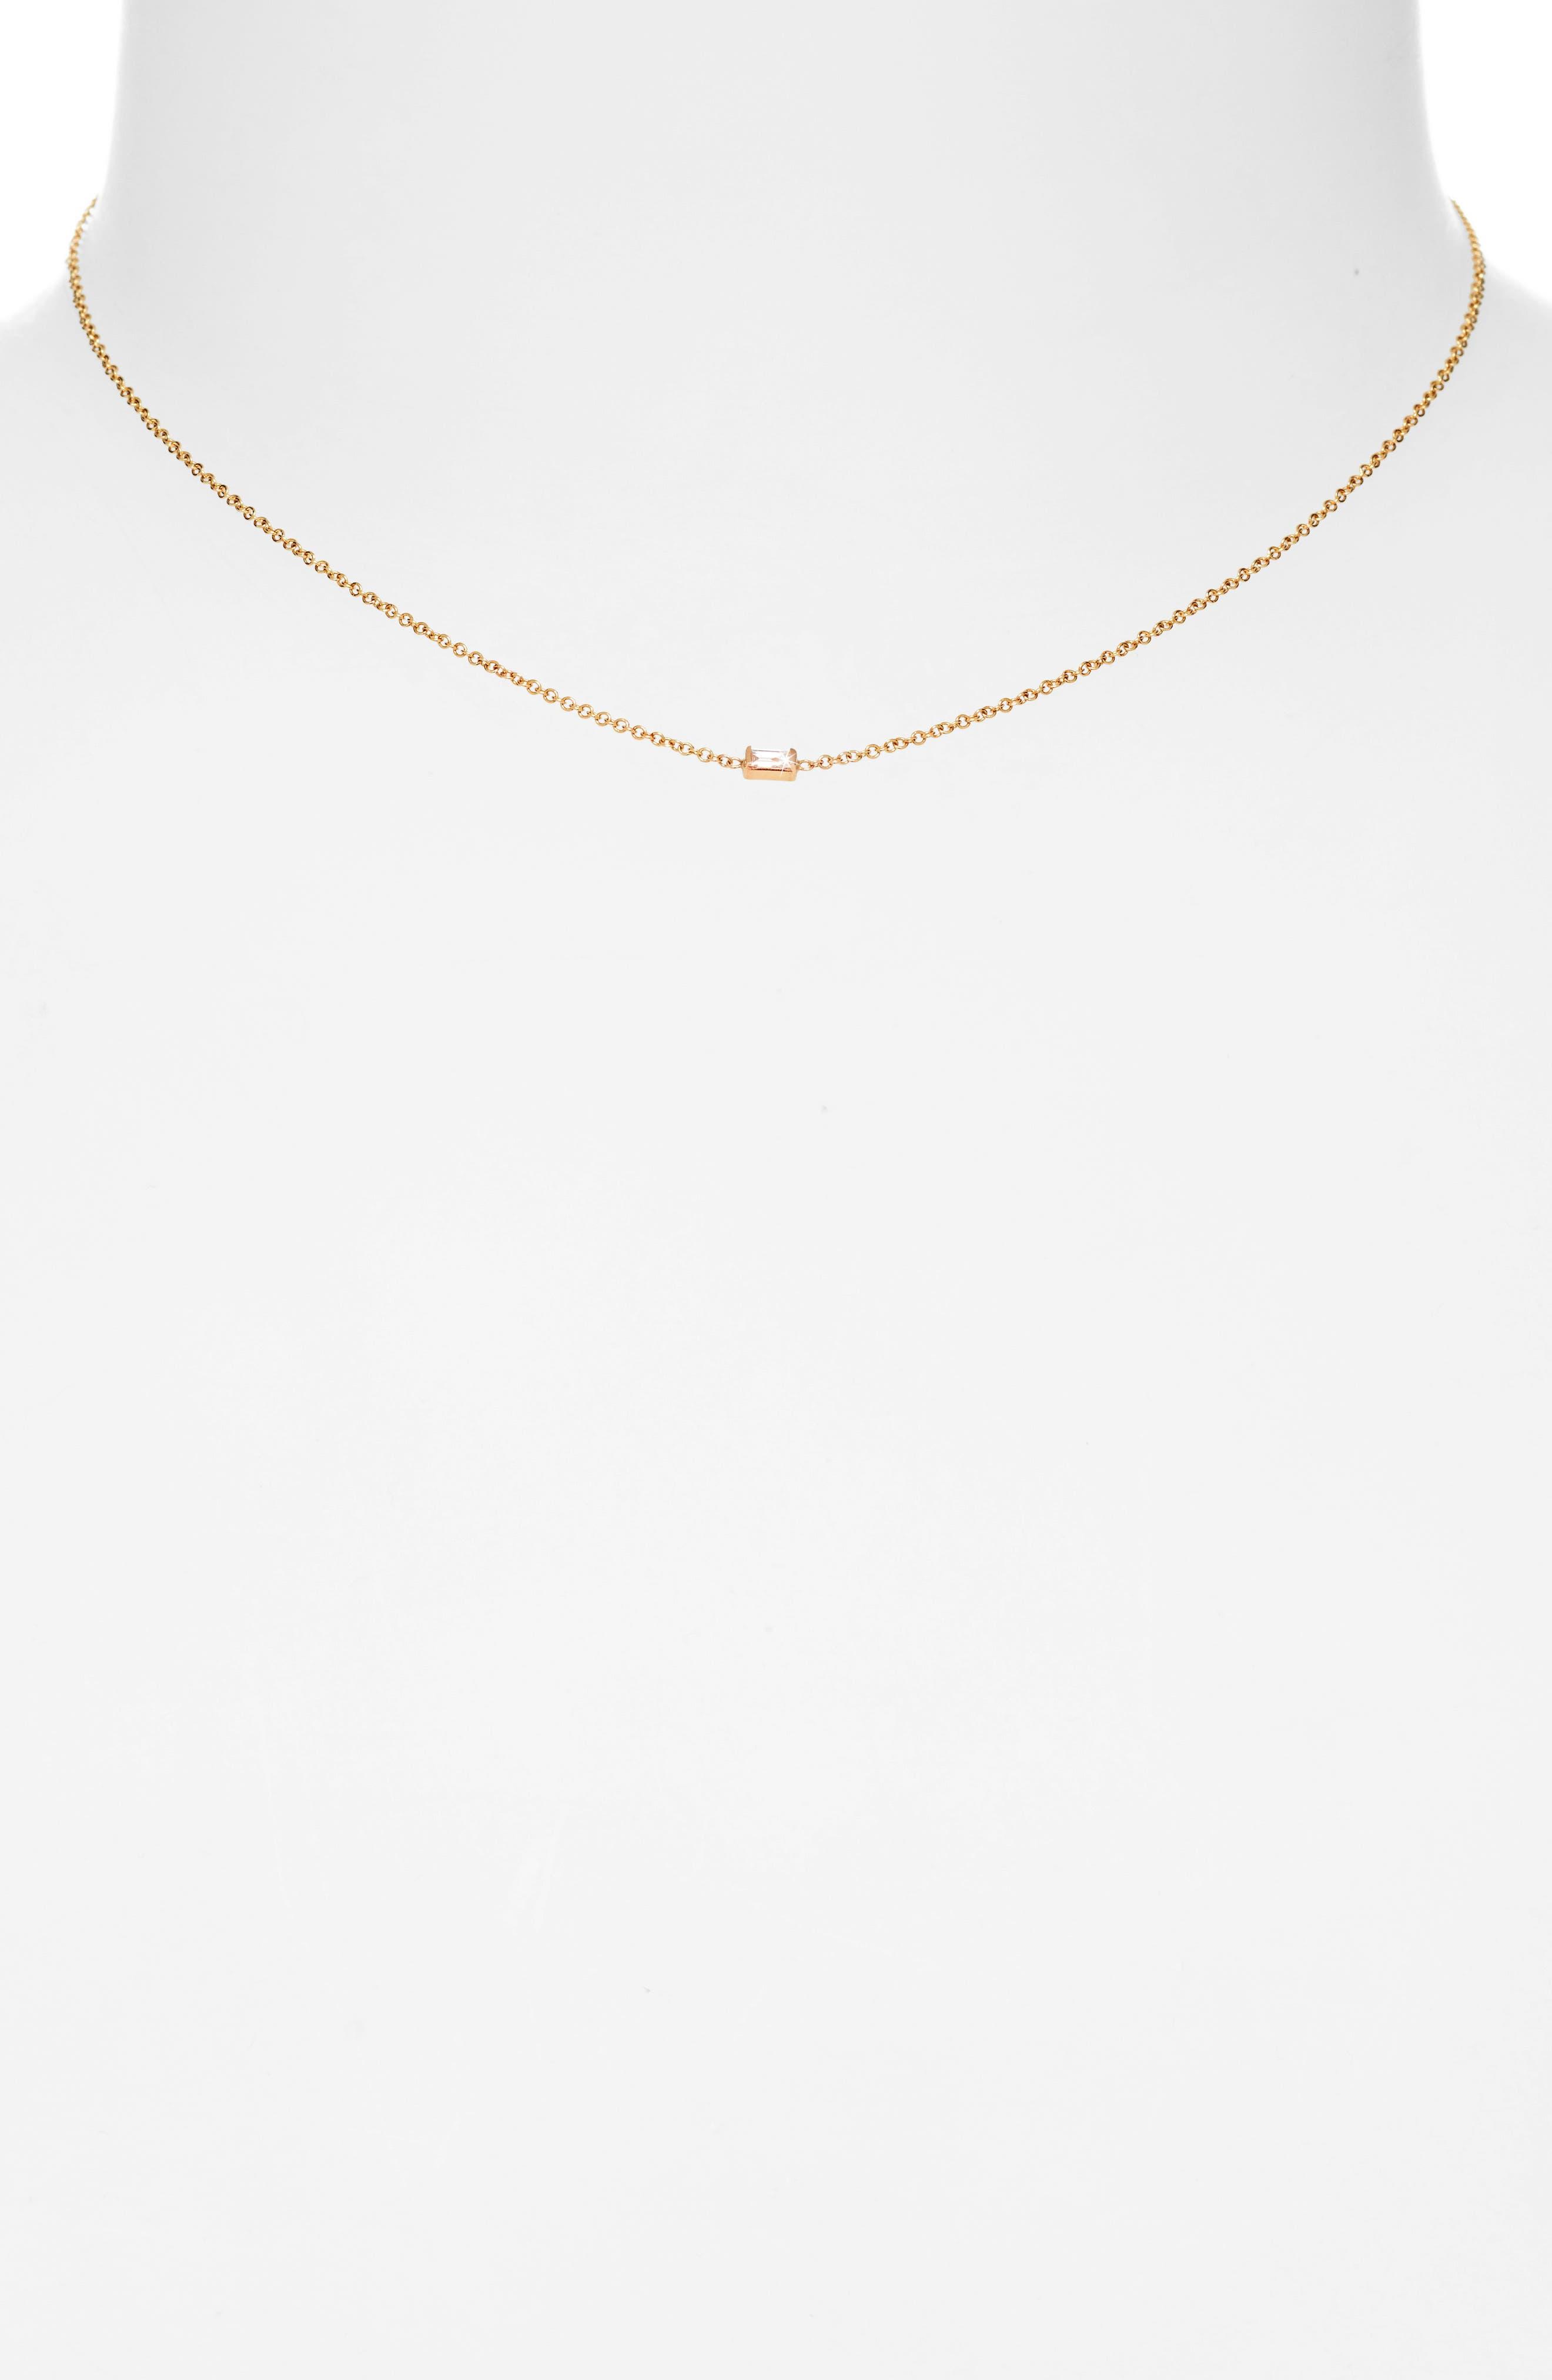 Diamond Baguette Pendant Necklace,                             Alternate thumbnail 2, color,                             YELLOW GOLD